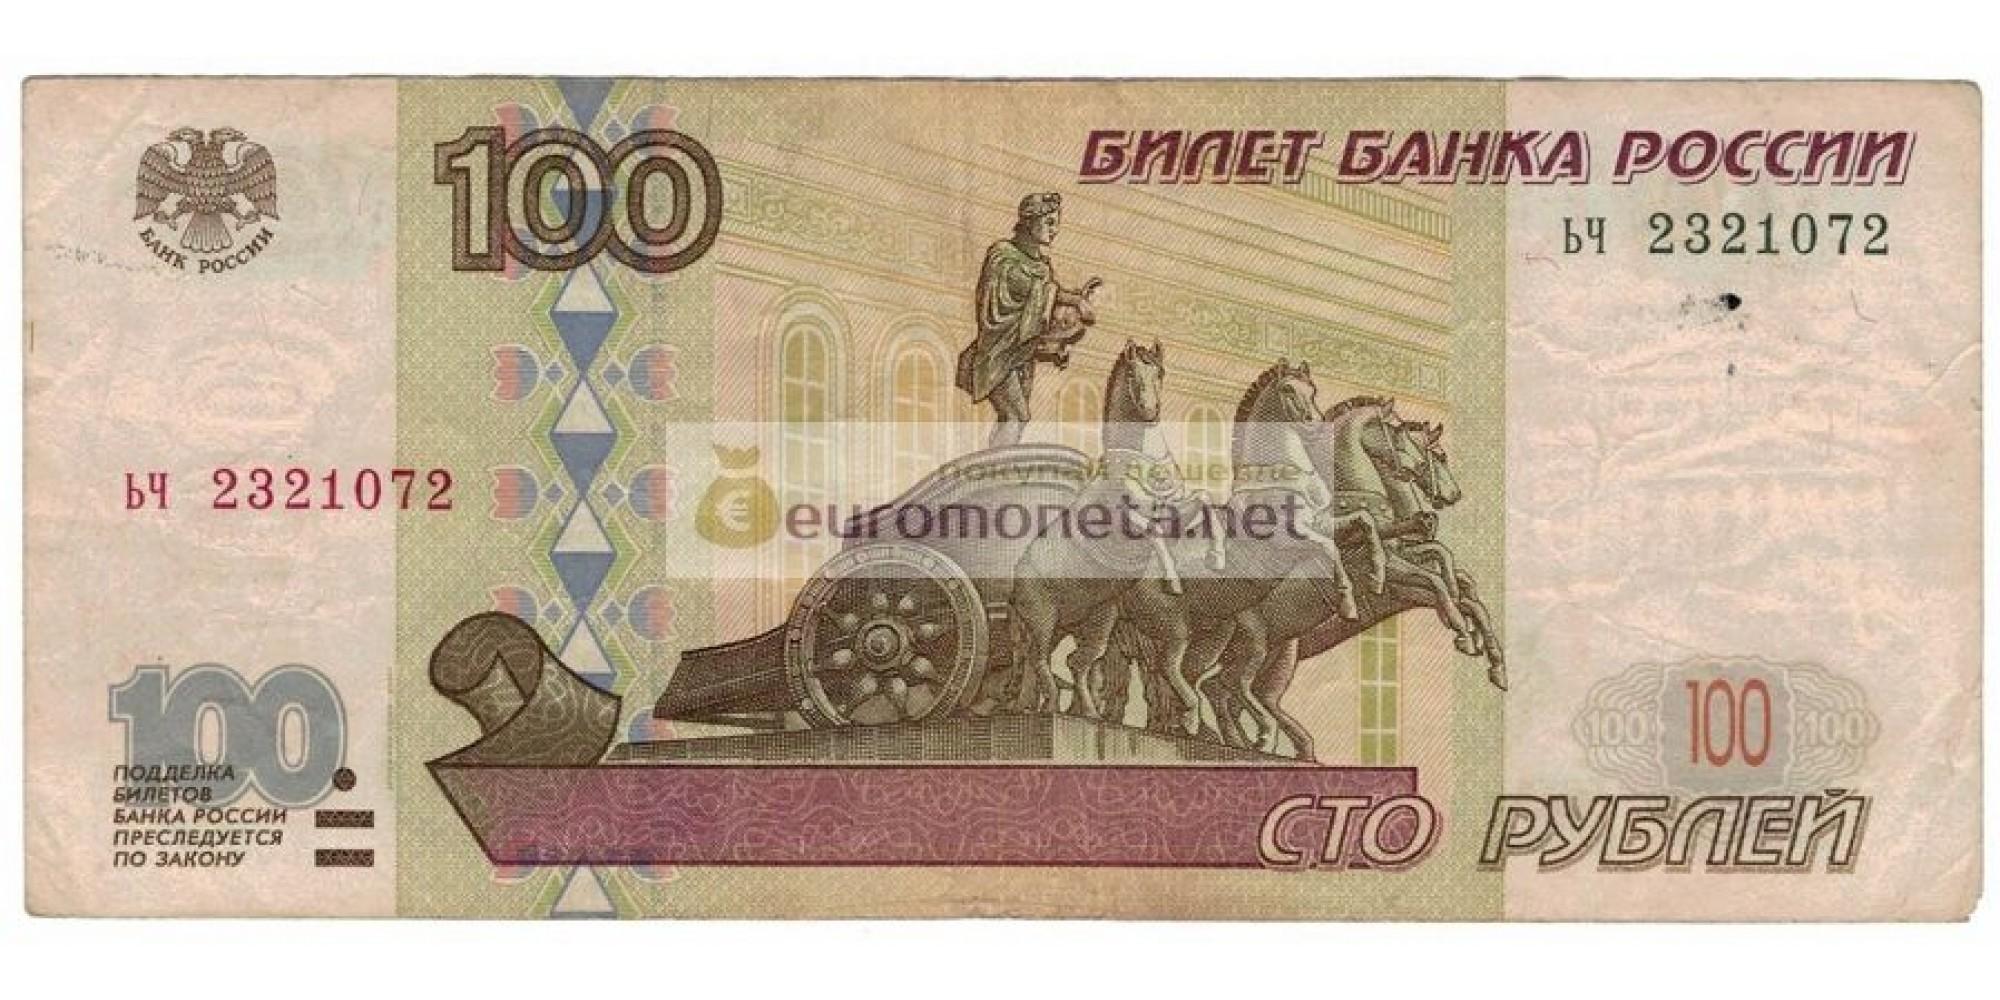 Россия 100 рублей 1997 год модификация 2001 год серия ьч 2321072